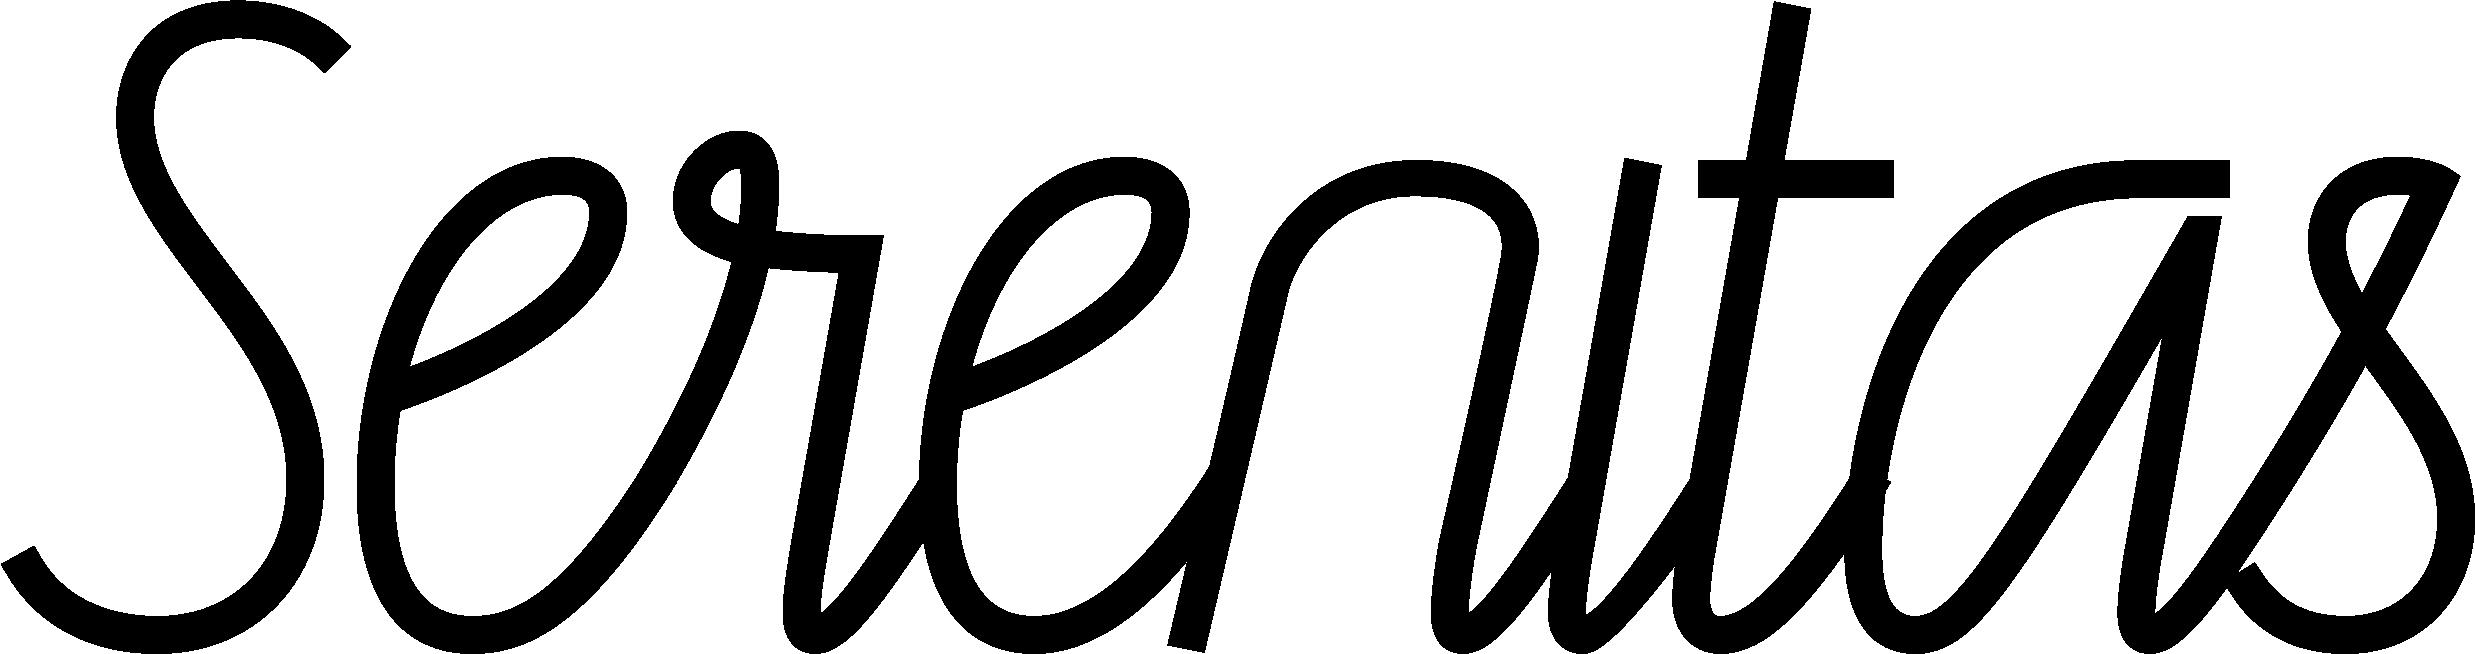 serenitas